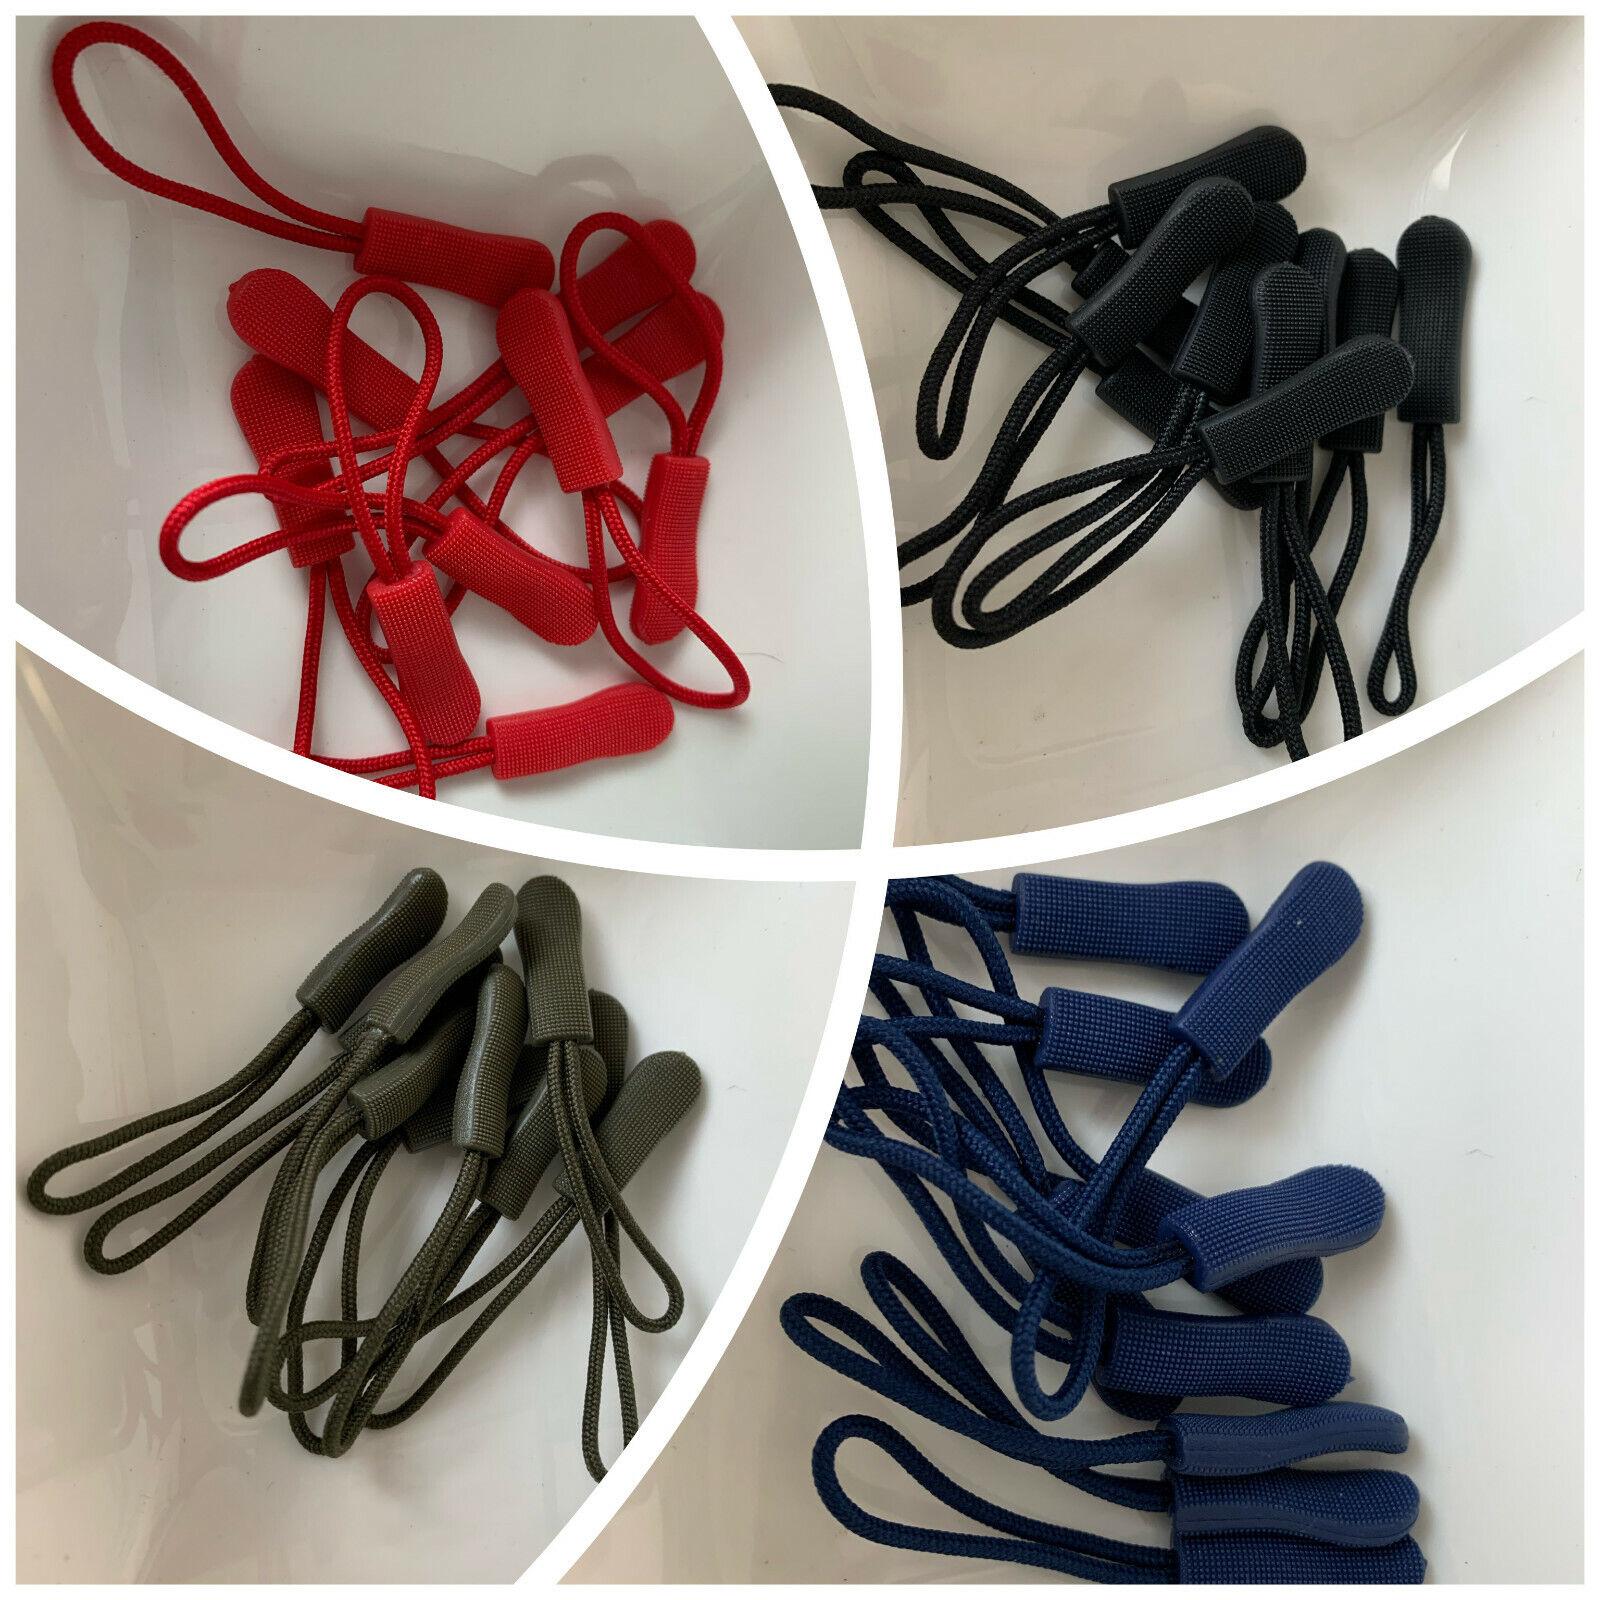 10 Zipper Schlaufen Reißverschluss Verlängerung Reißverschlussanhänger